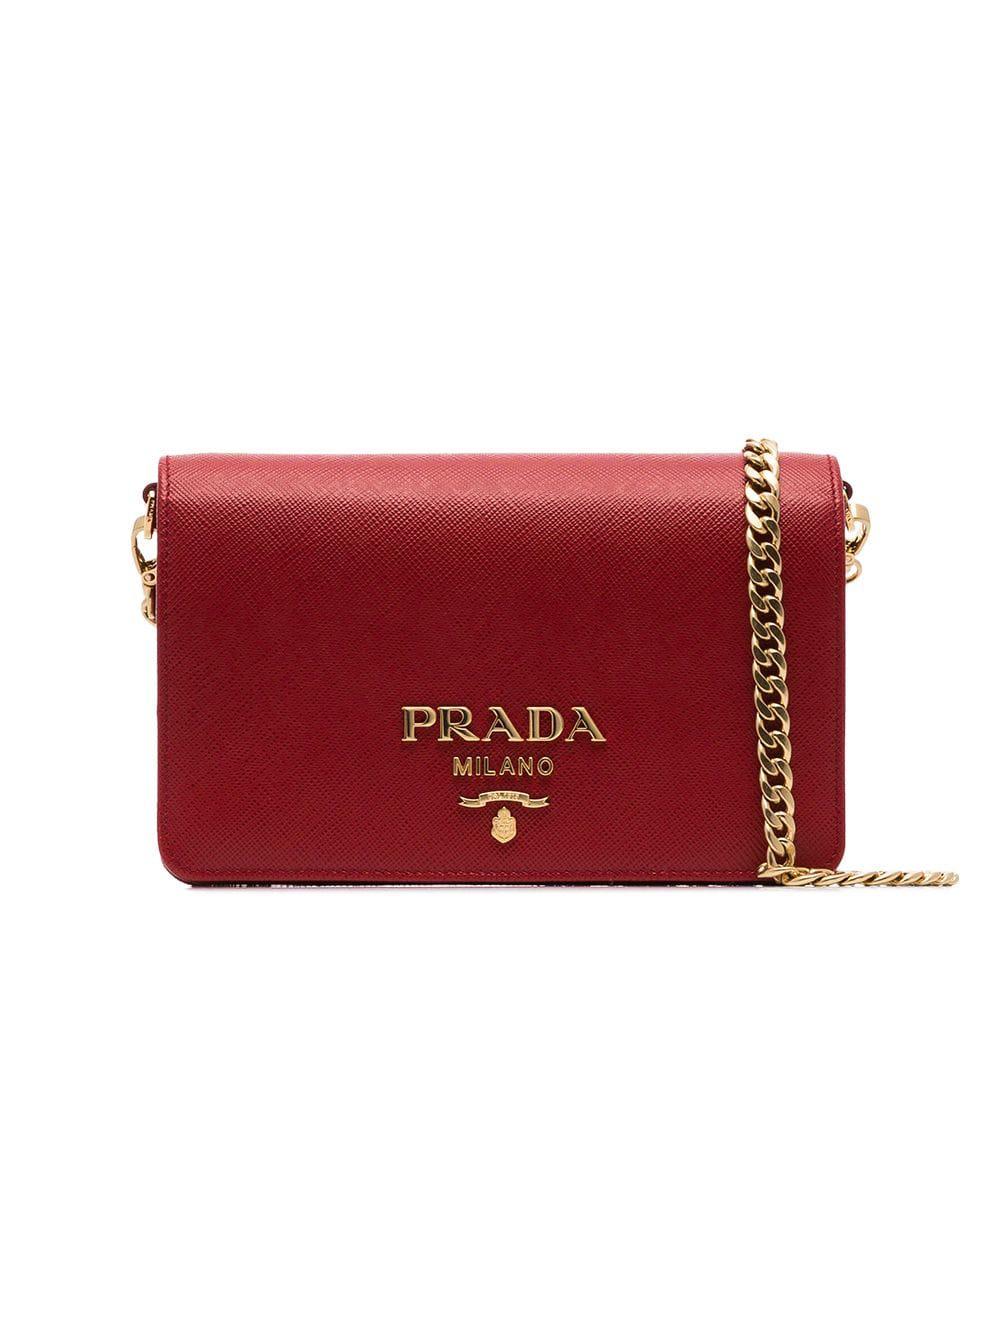 36cc2caae Prada Red Logo Leather Cross Body Bag   ModeSens